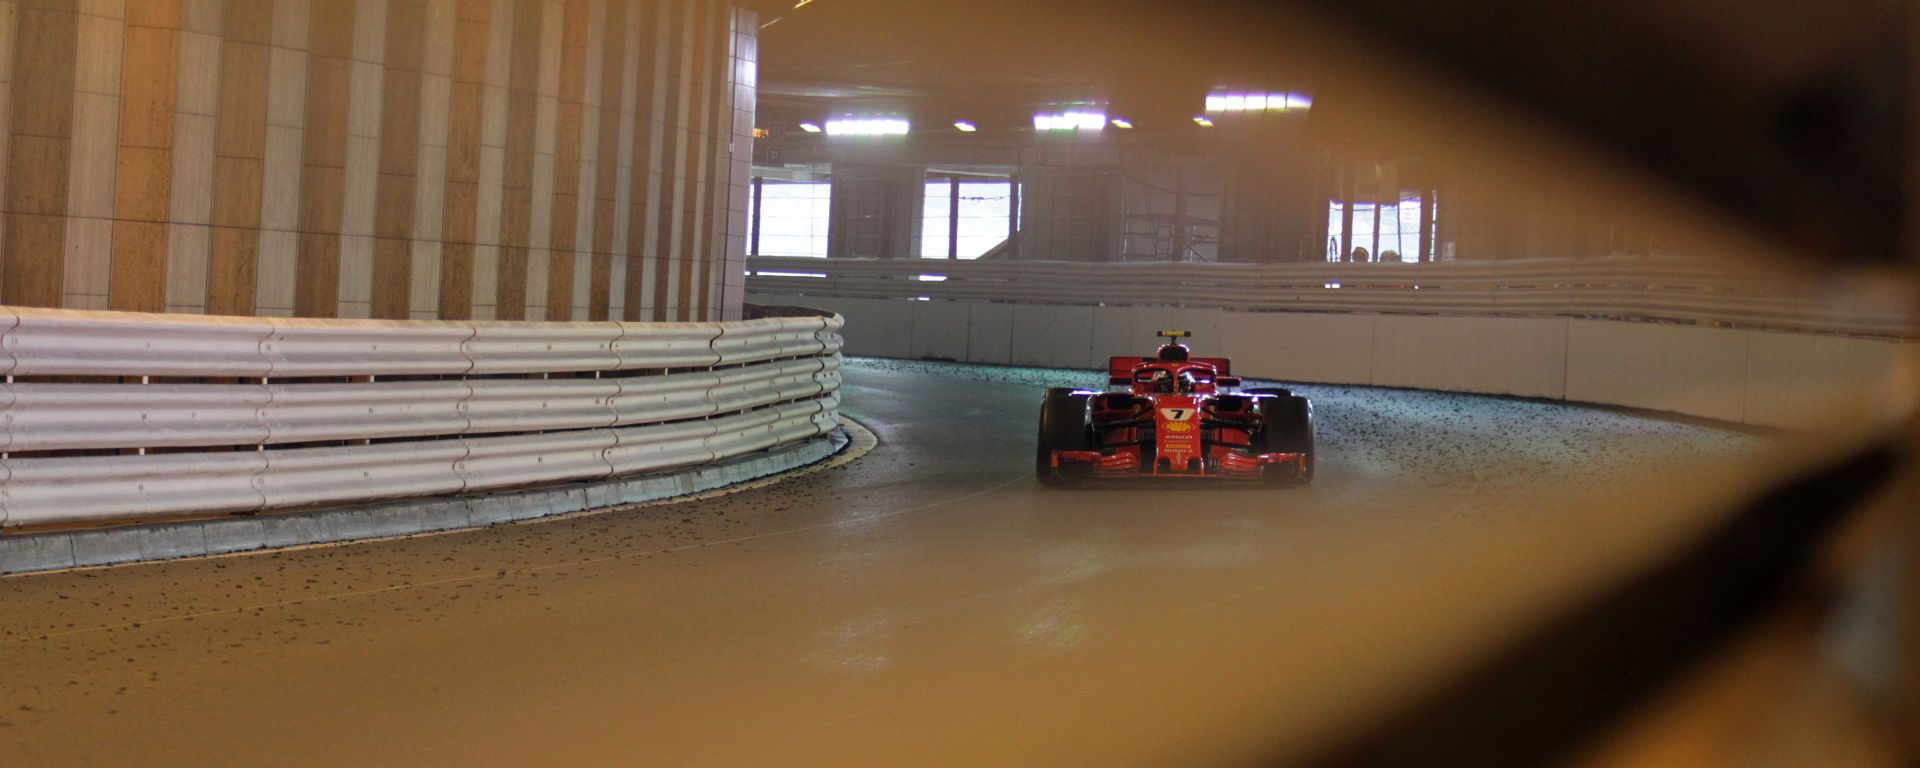 F1 GP Monaco 2019: orari, meteo, risultati prove, qualifiche e gara